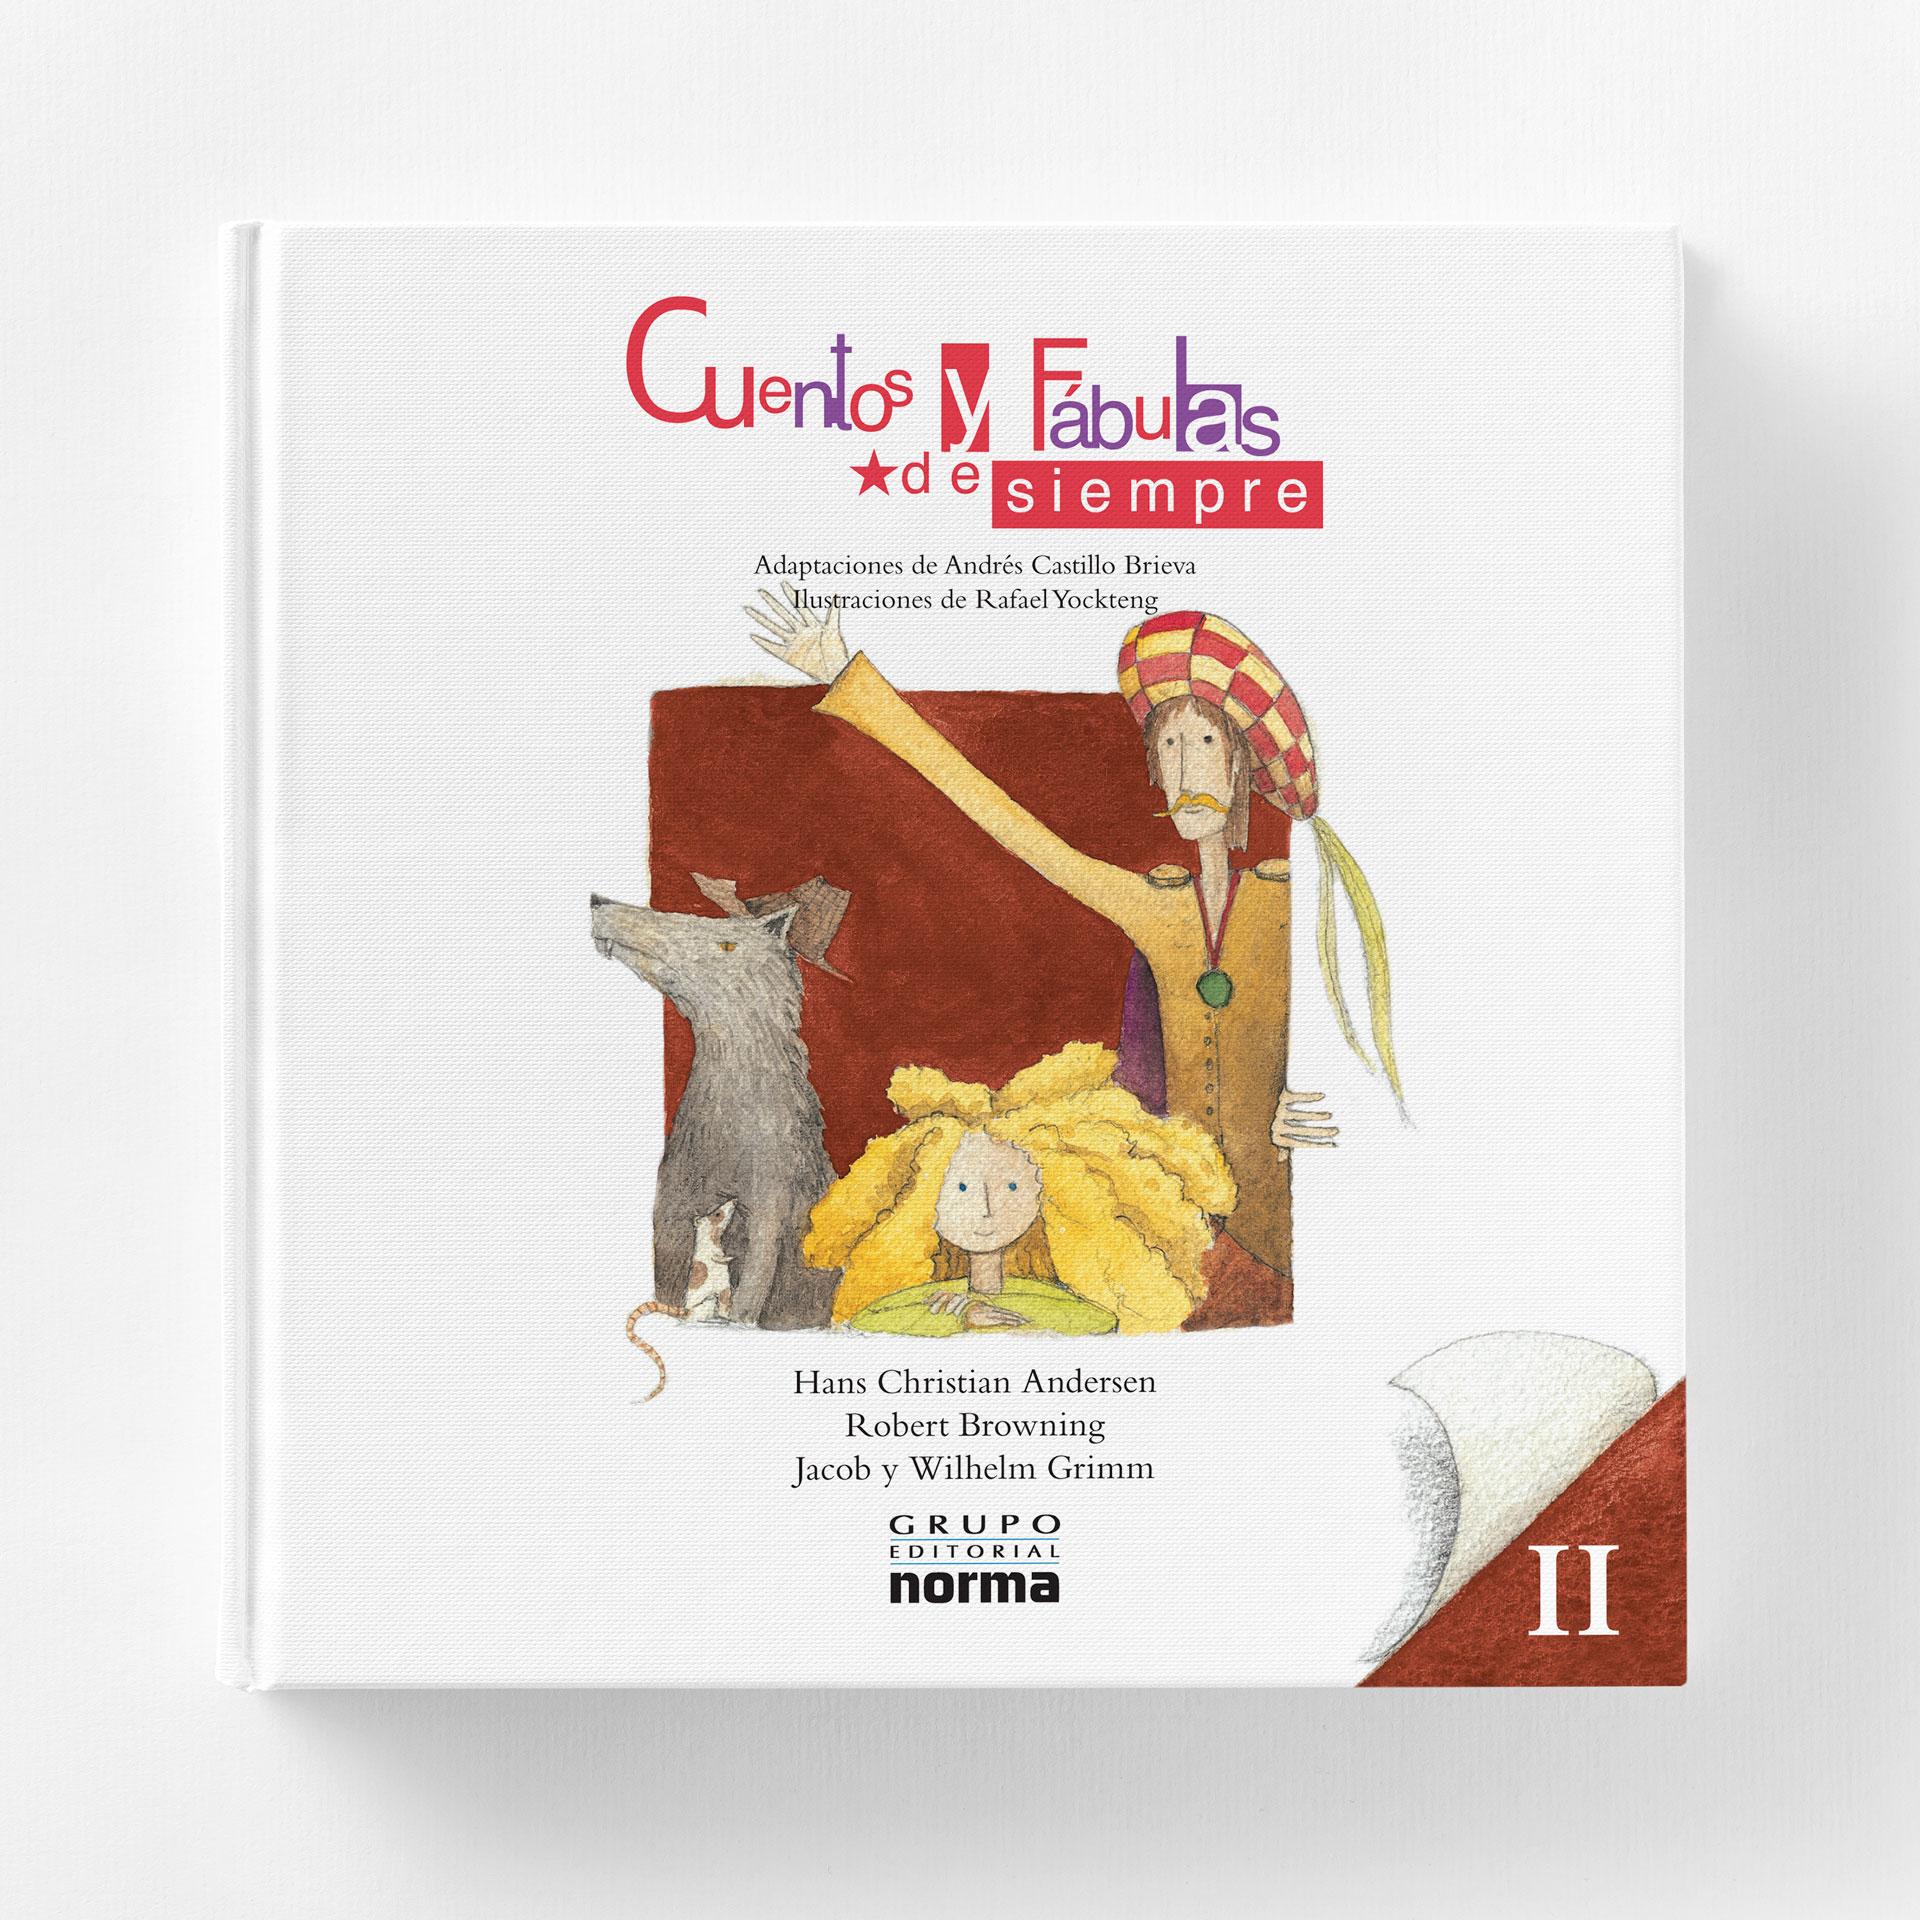 Cubierta Cuentos y Fabulas de Siempre Editorial Normal Volumen II